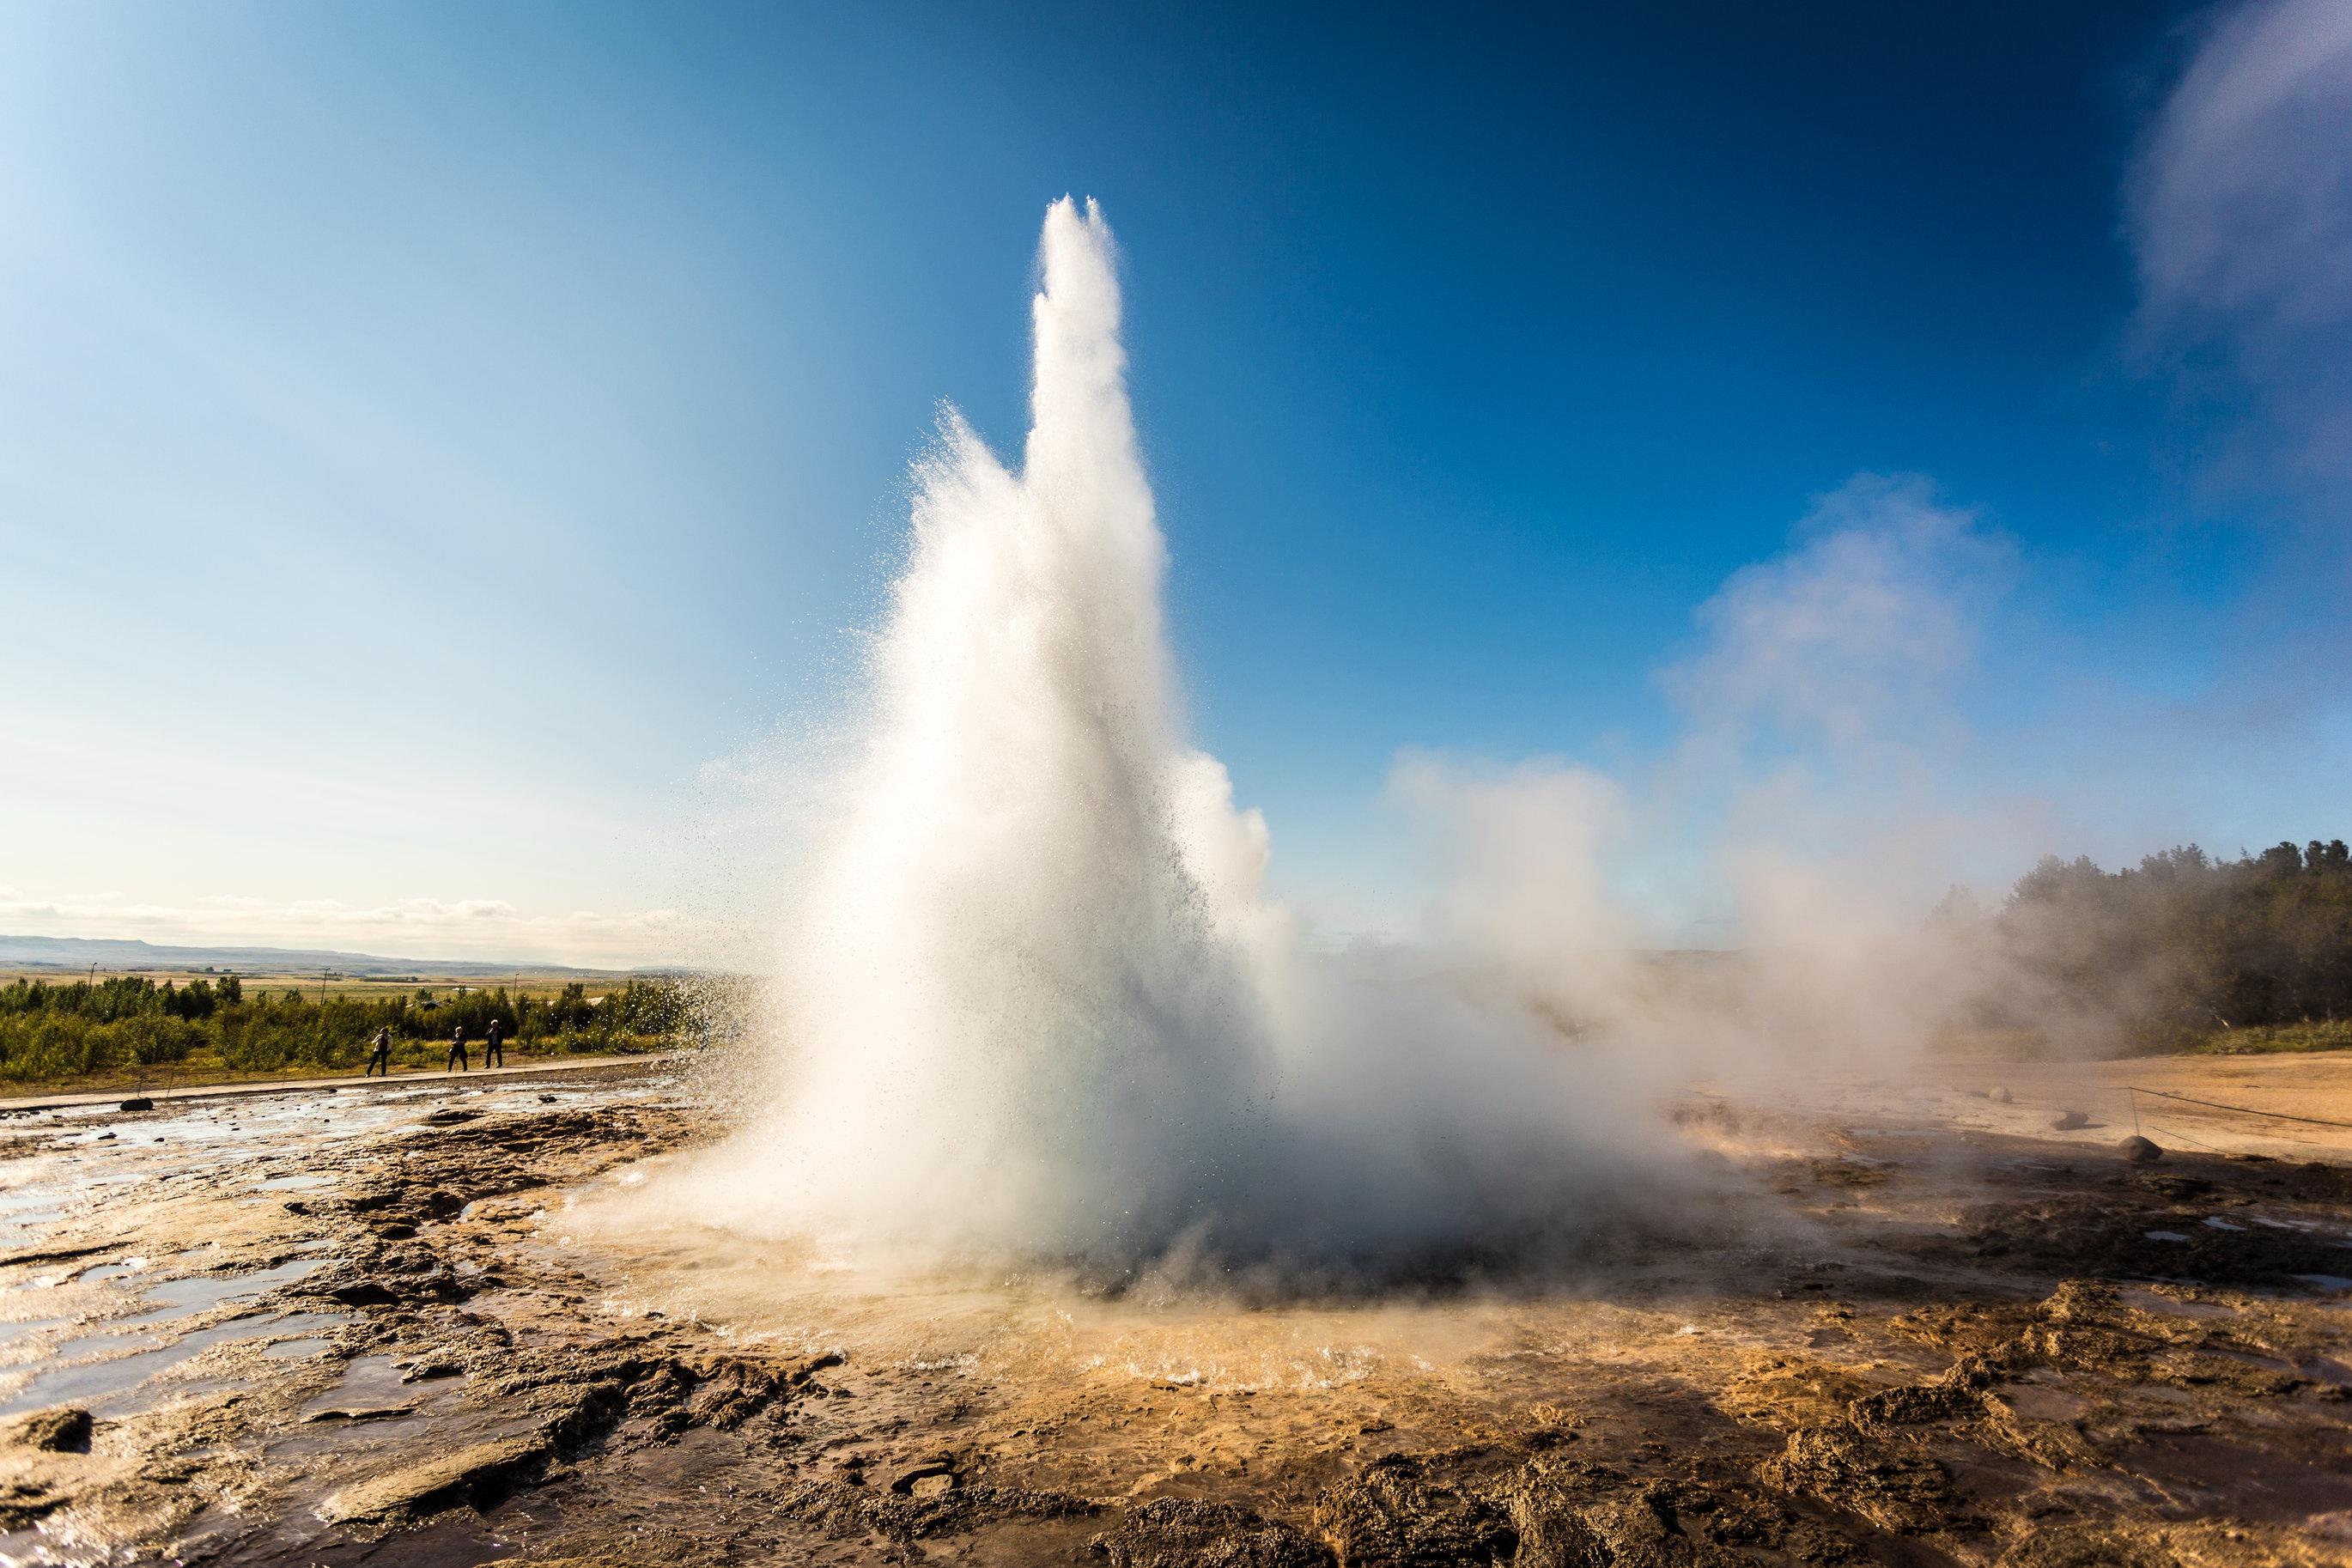 Hvert femte til tiende minut sprøjter gejseren Strokkur vand op i højder, der kan overstige 40 m.